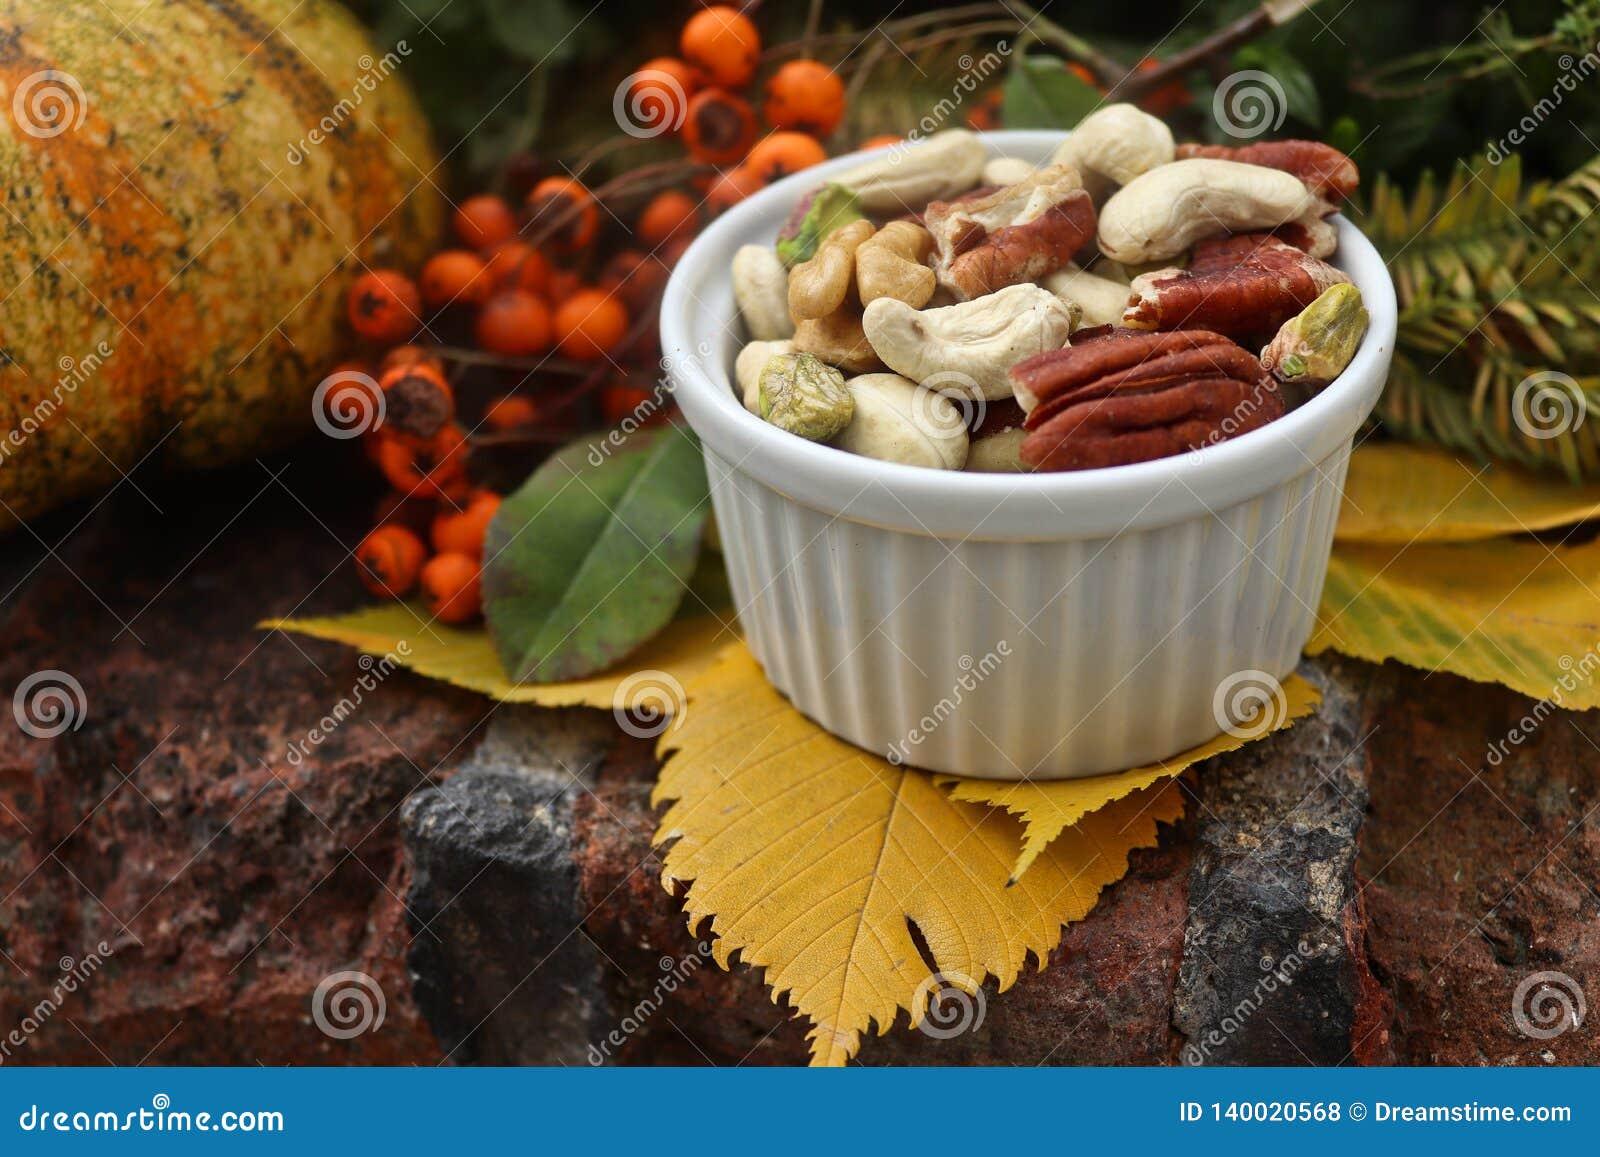 Buntes Stillleben des Herbstes mit Blättern und Nüssen